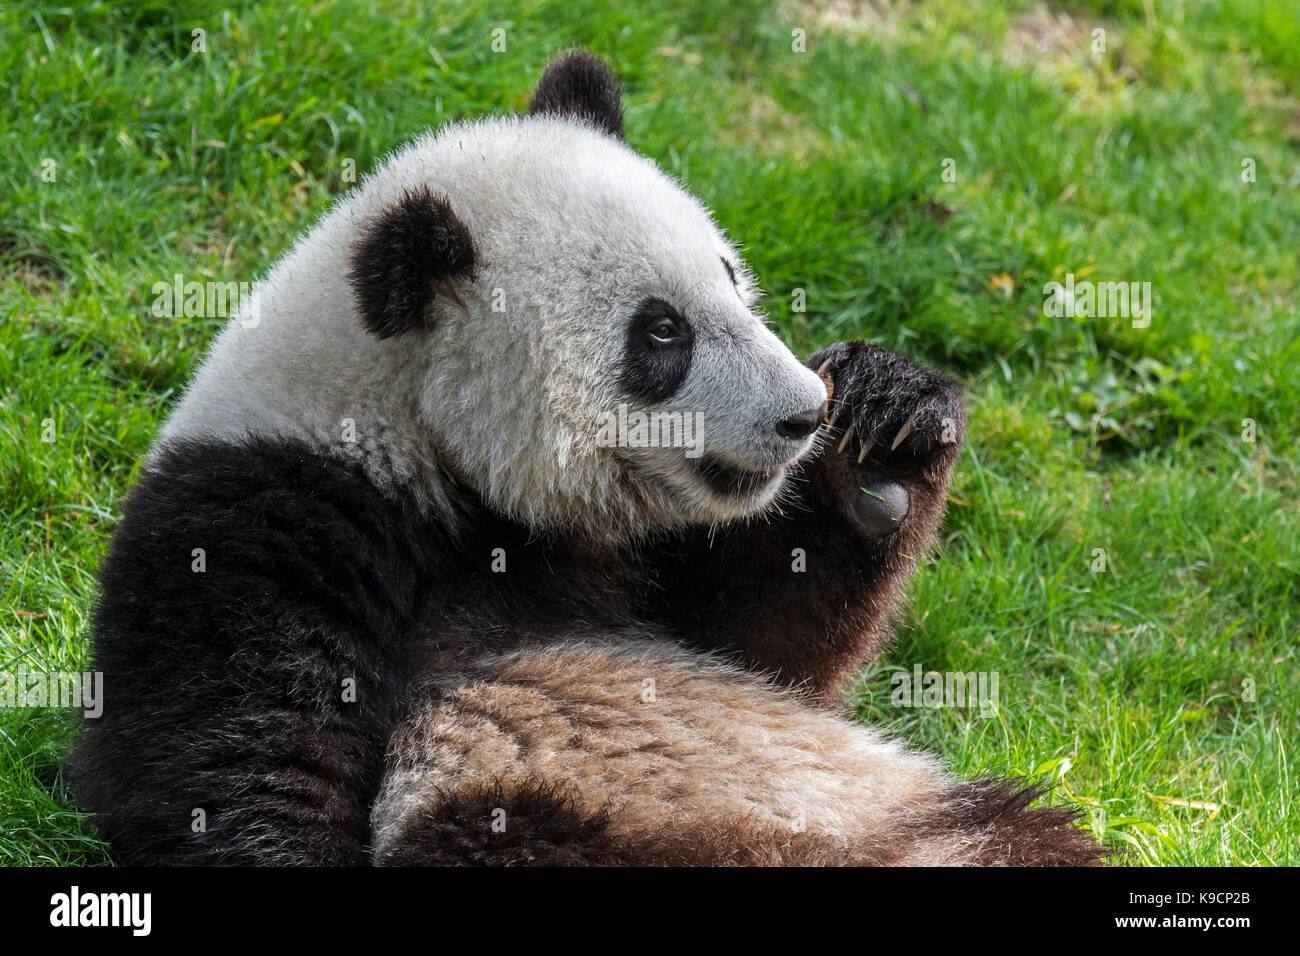 panda wikipedia english